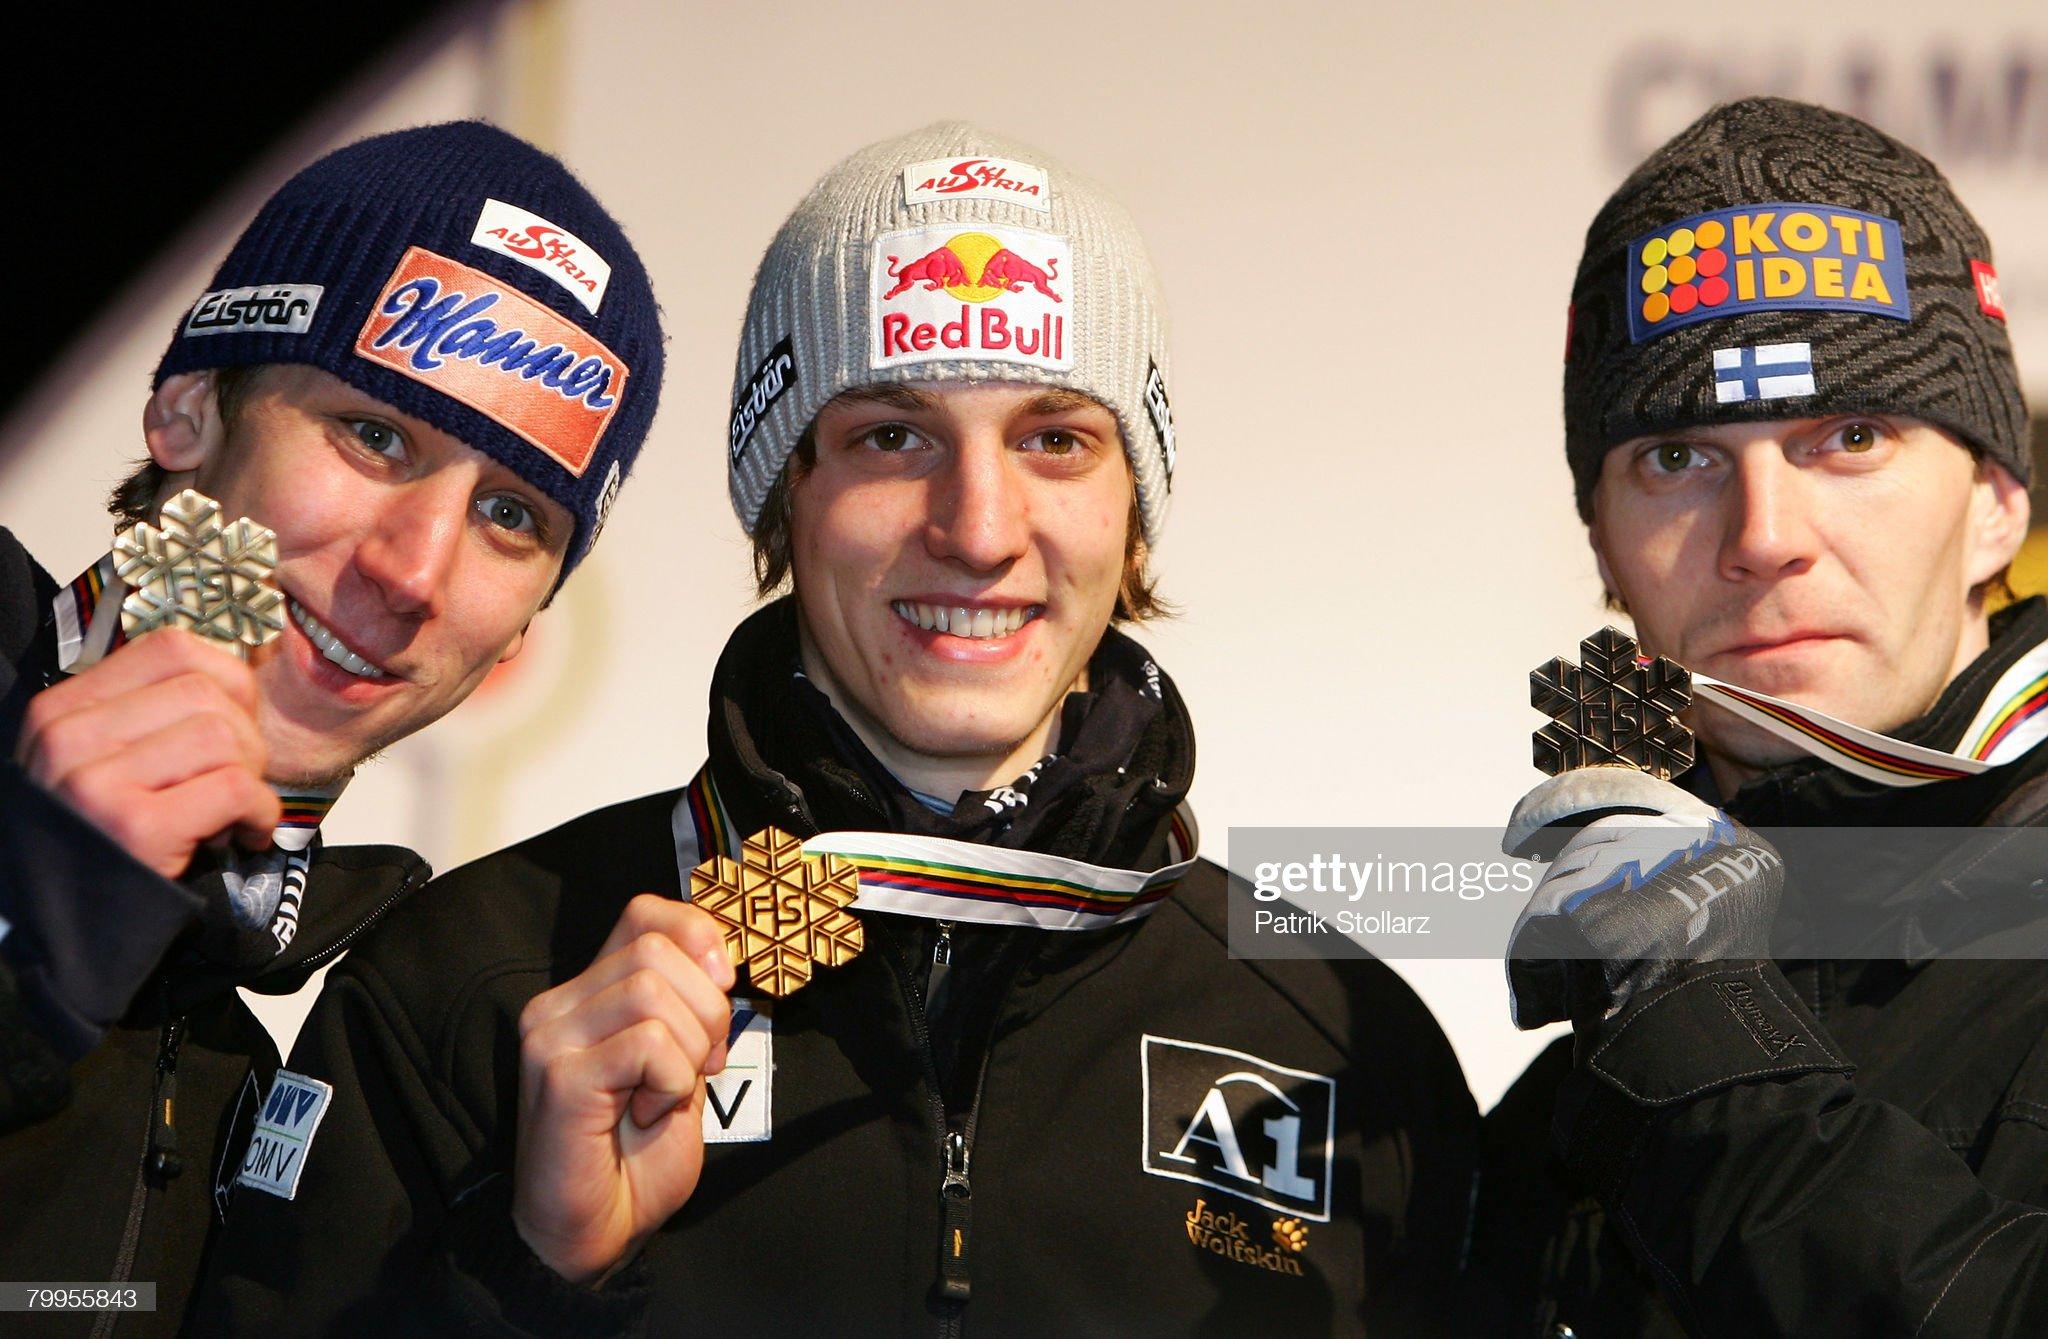 Чемпионат мира по полетам на лыжах 2008: Мартин Кох, Грегор Шлиренцауэр, Янне Ахонен